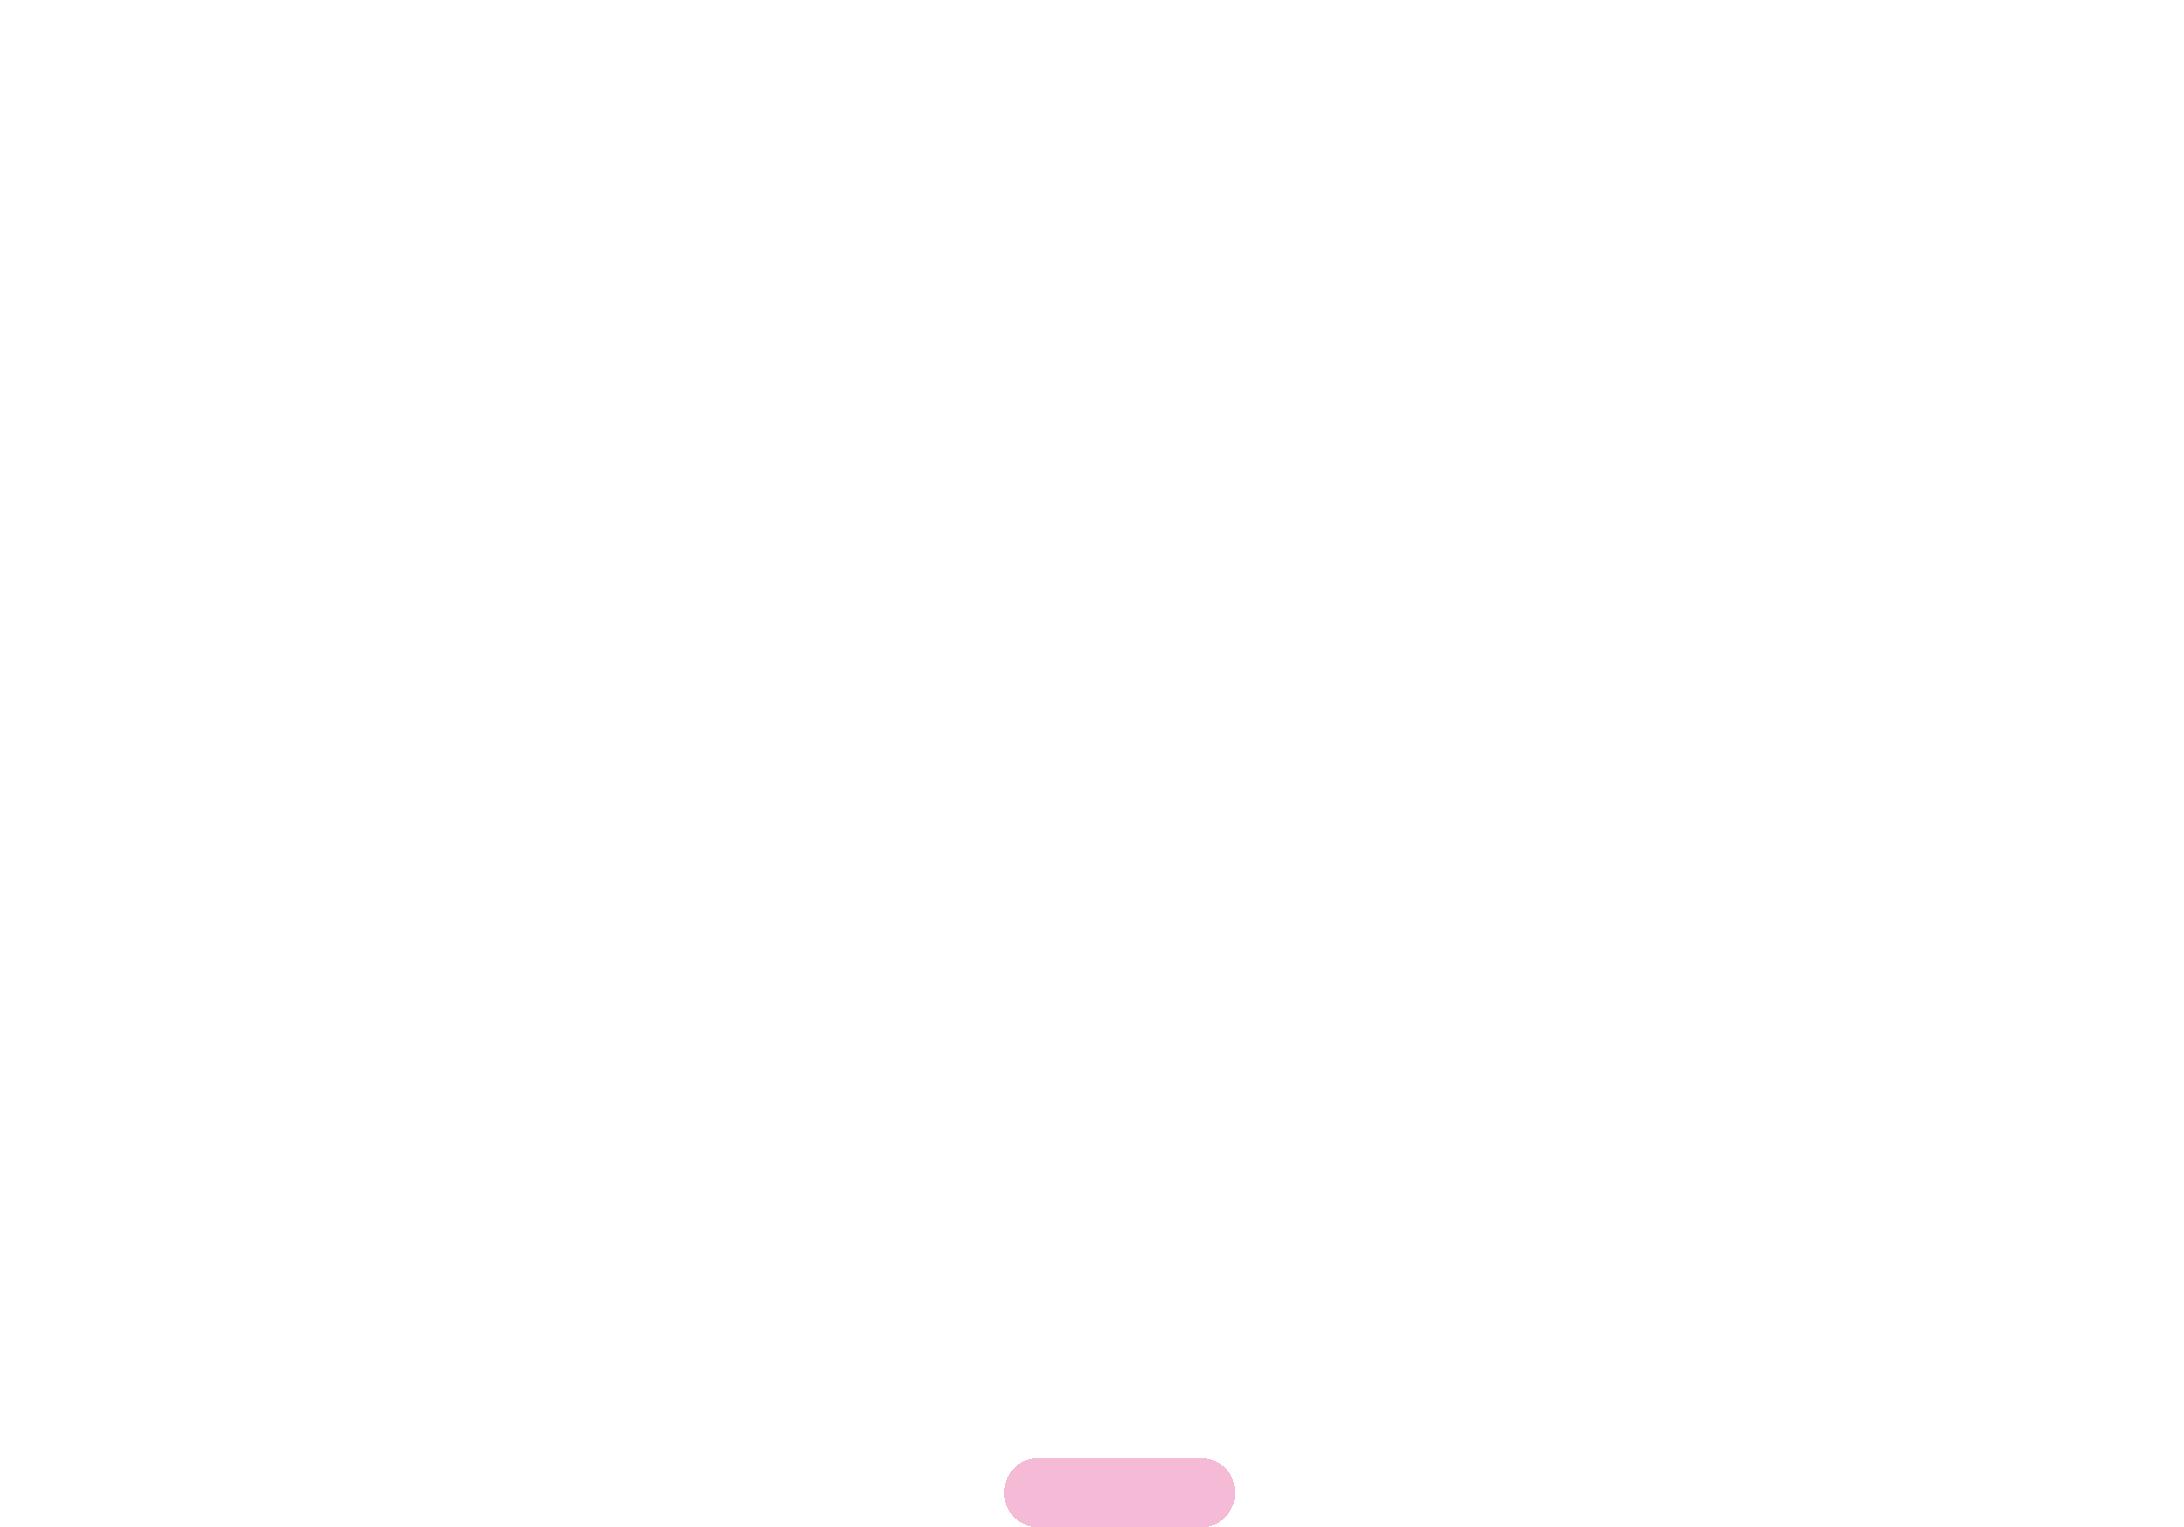 logo HTAG communication freelance design digital amiens